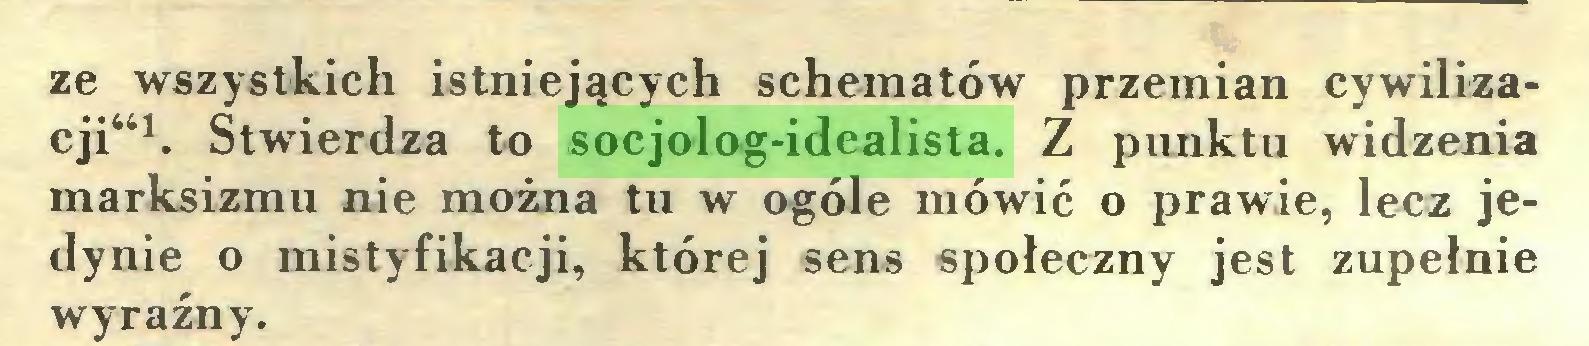 (...) ze wszystkich istniejących schematów przemian cywilizacji4*1. Stwierdza to socjolog-idealista. Z punktu widzenia marksizmu nie można tu w ogóle mówić o prawie, lecz jedynie o mistyfikacji, której sens społeczny jest zupełnie wyraźny...